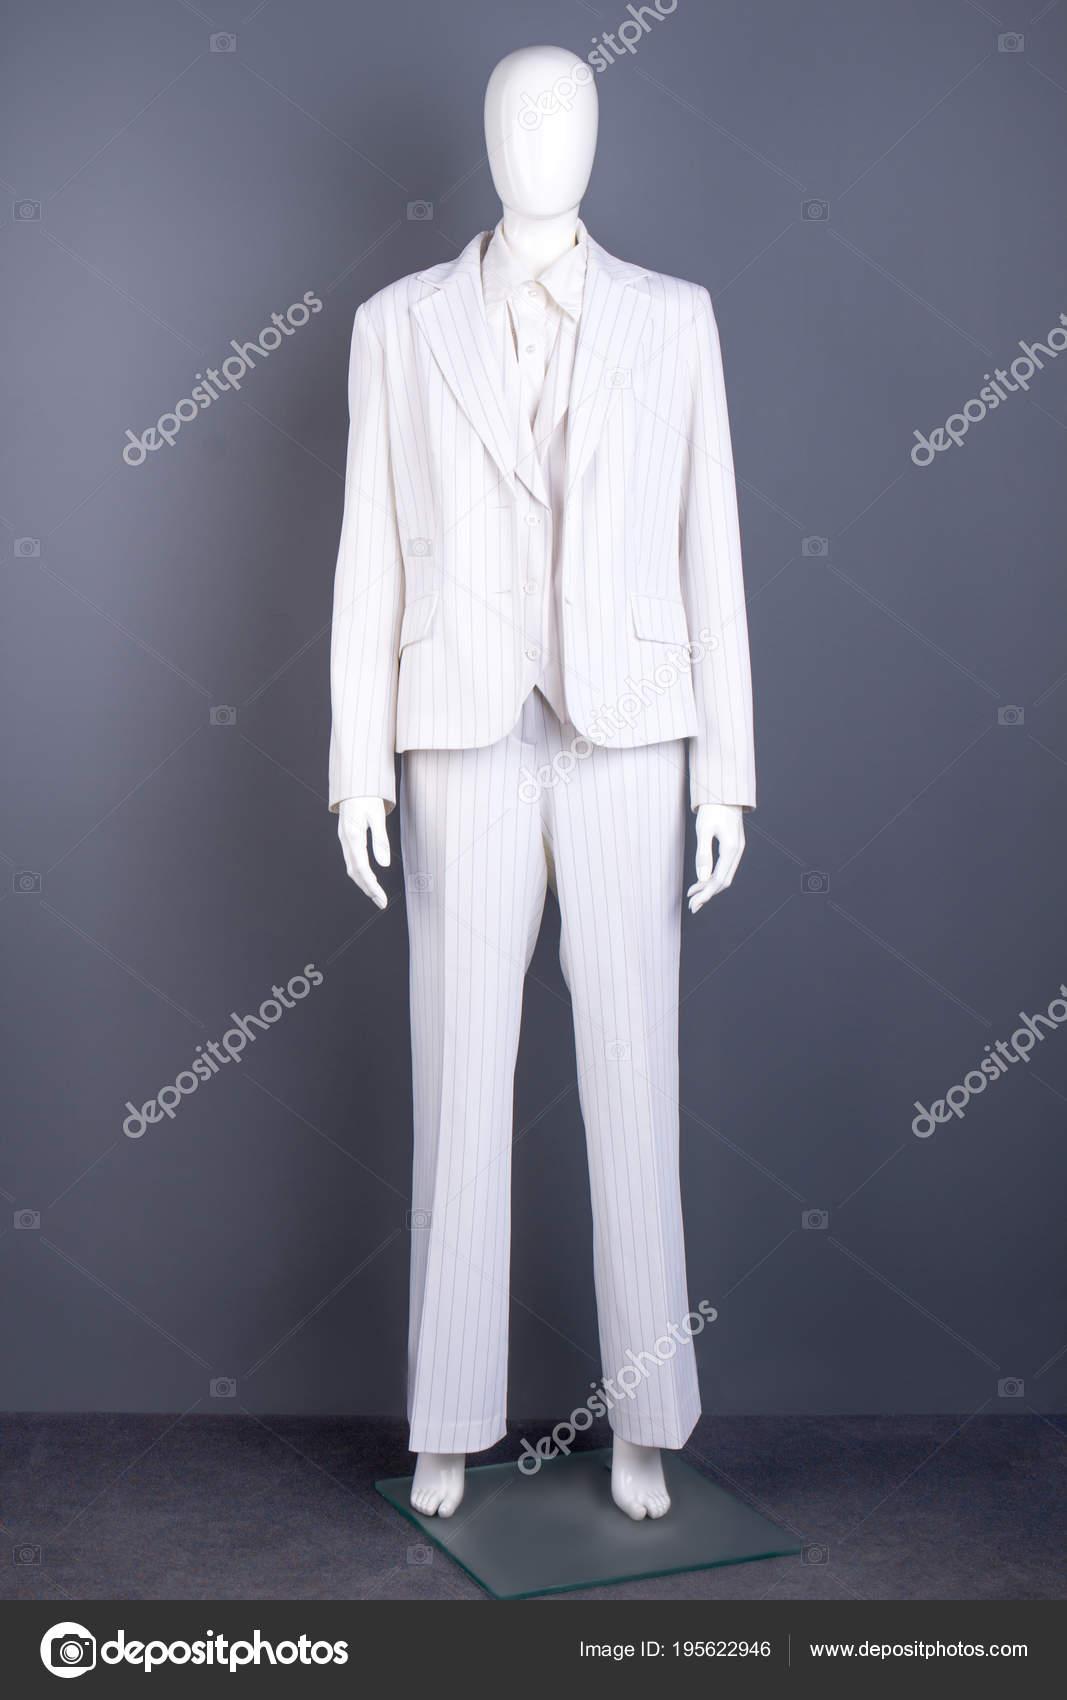 79dcb7b44 Maniquí de mujer blazer blanco y pantalones. Traje de estilo formal para  damas, gris de fondo. Estilo de moda femenina — Foto de Denisfilm